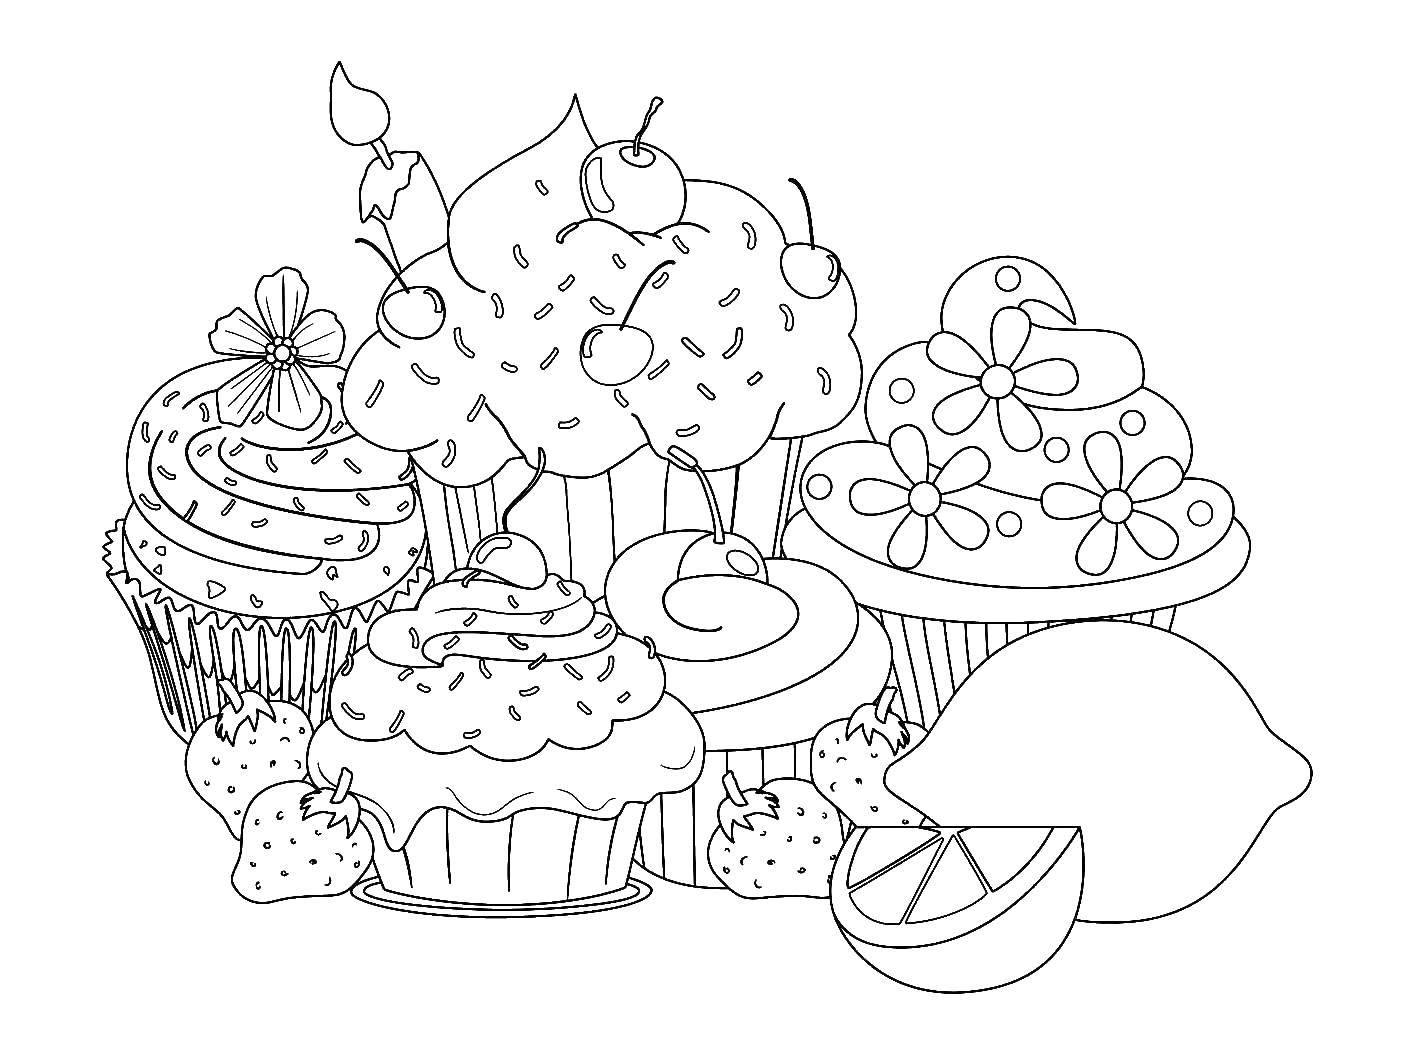 Раскраски Раскраска Кекс с клубникой Еда, Раскраски Еда.